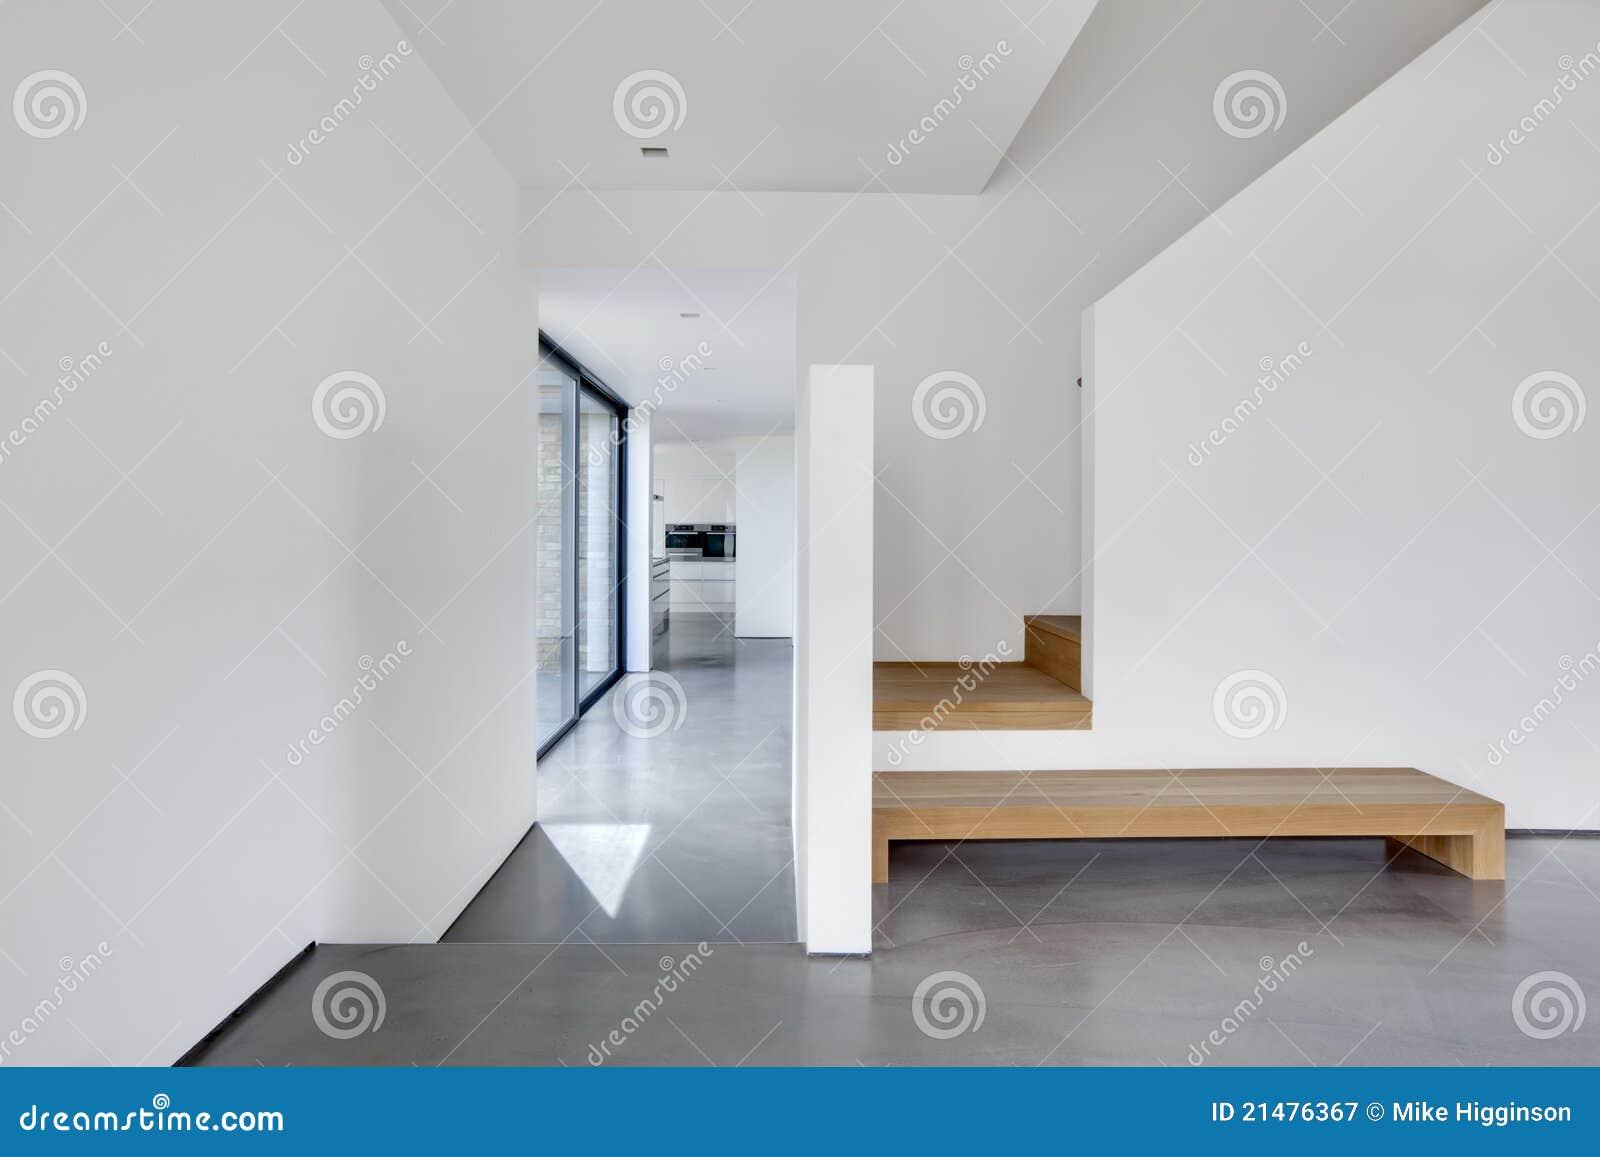 Image Result For Minimalist Home Design Floor Plans